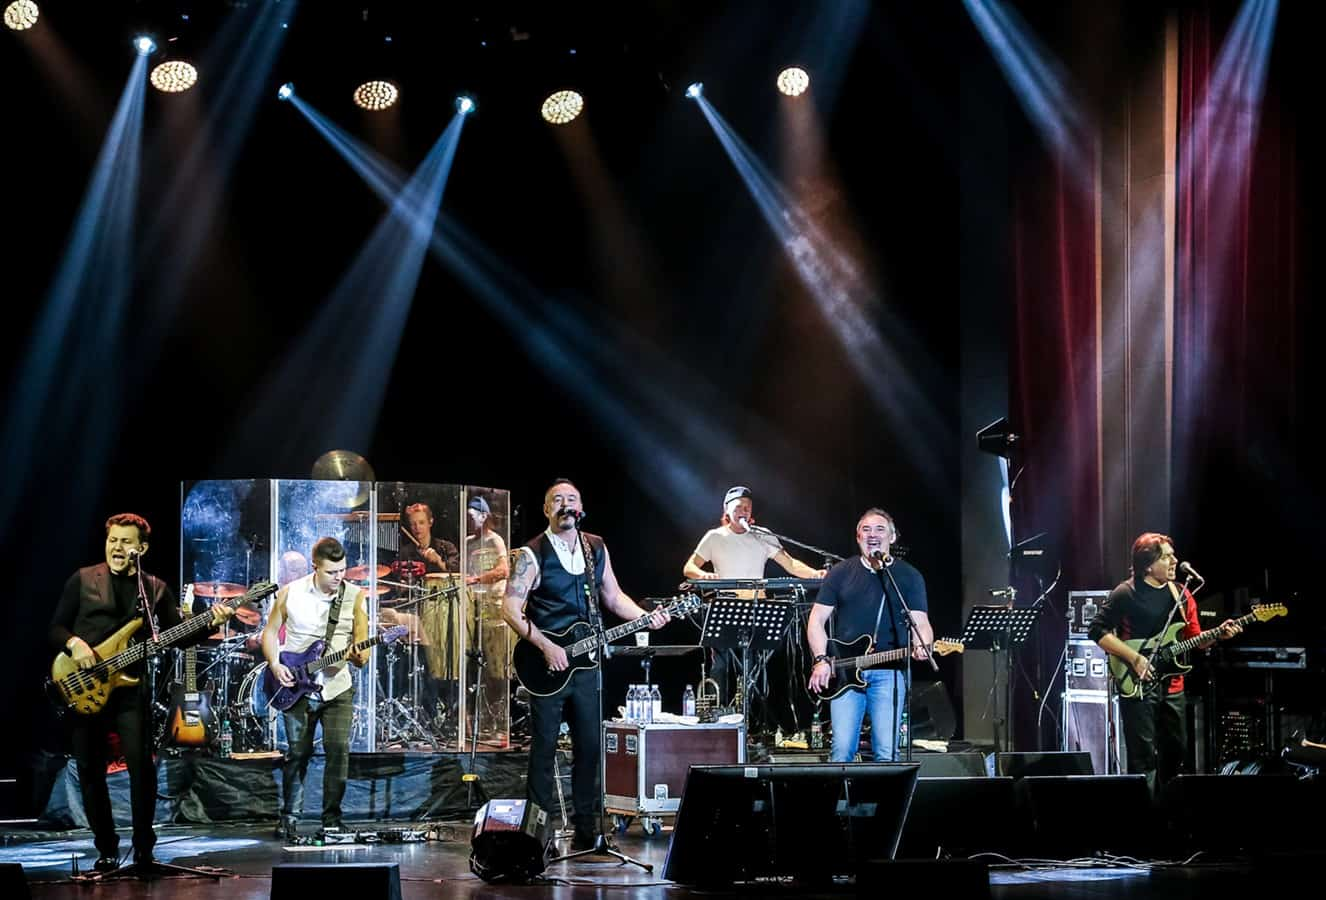 Концерт Максима Леонидова и группы «HippoBand»